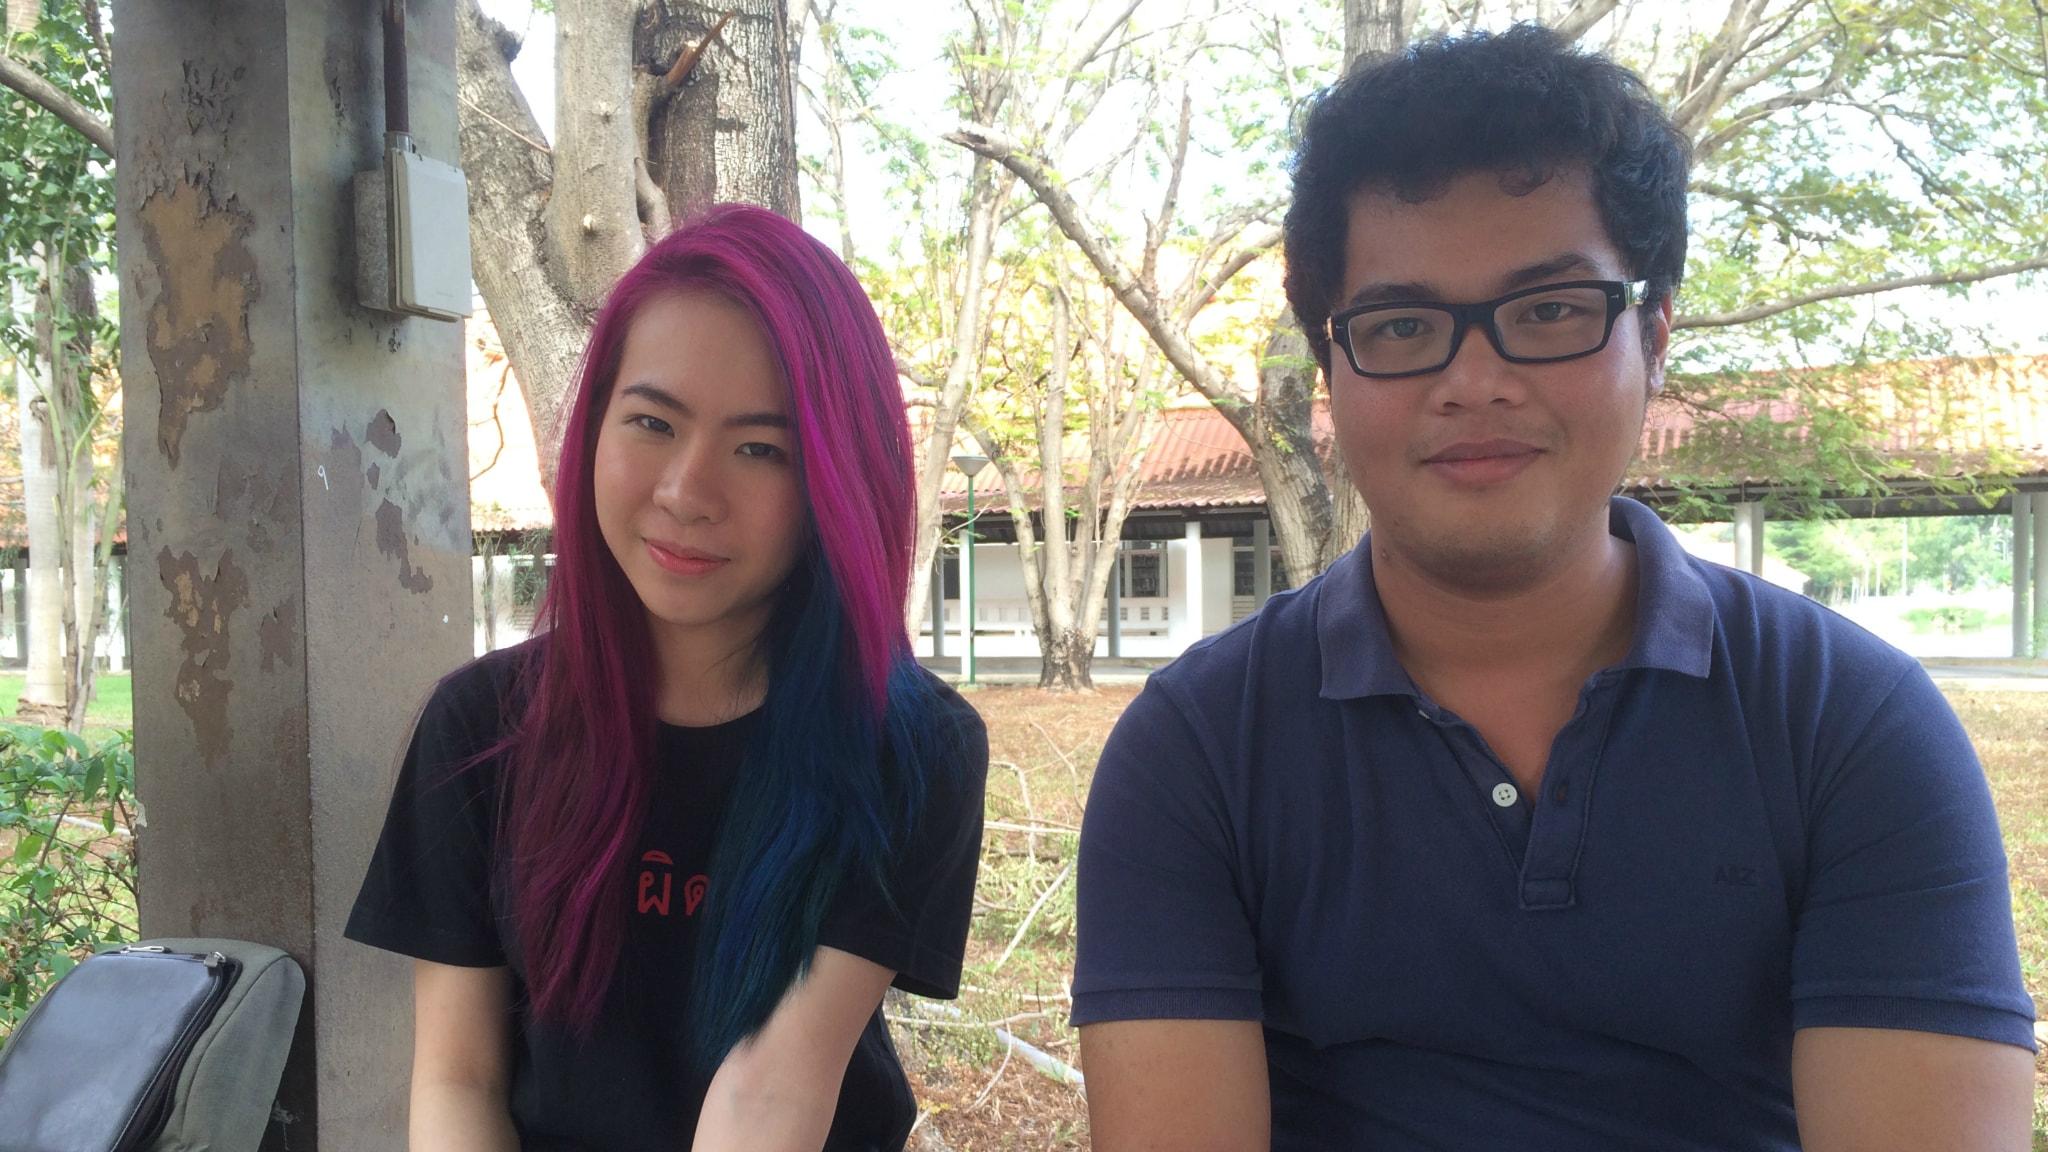 Studenterna Didtita Simcharoen och Kullapat lever under militärdiktatur i Thailand. Foto: Paloma Vangpreecha / SR